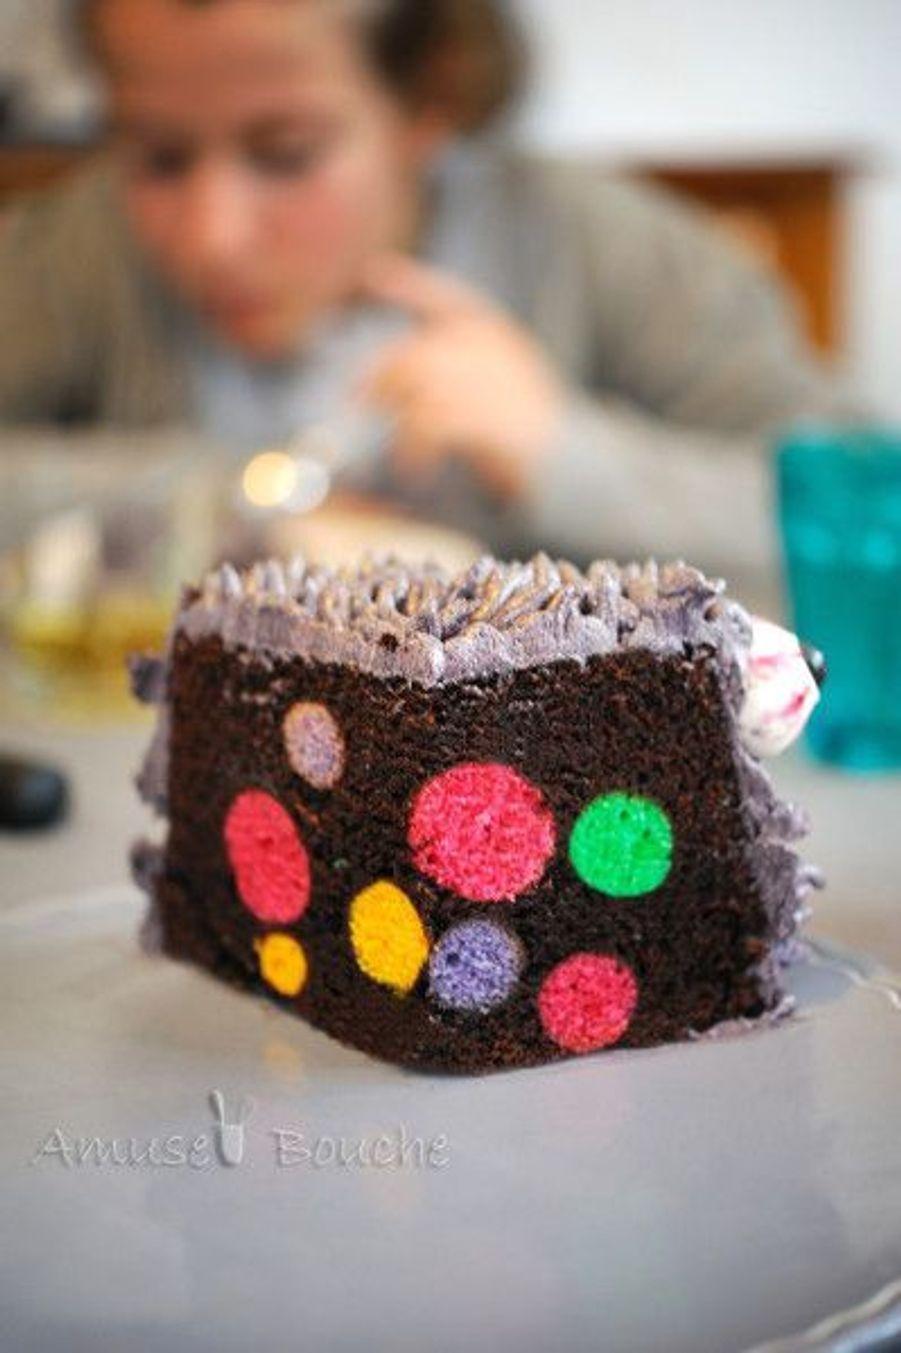 Le gâteau monstre https://www.pinterest.fr/pin/418623727832567403/